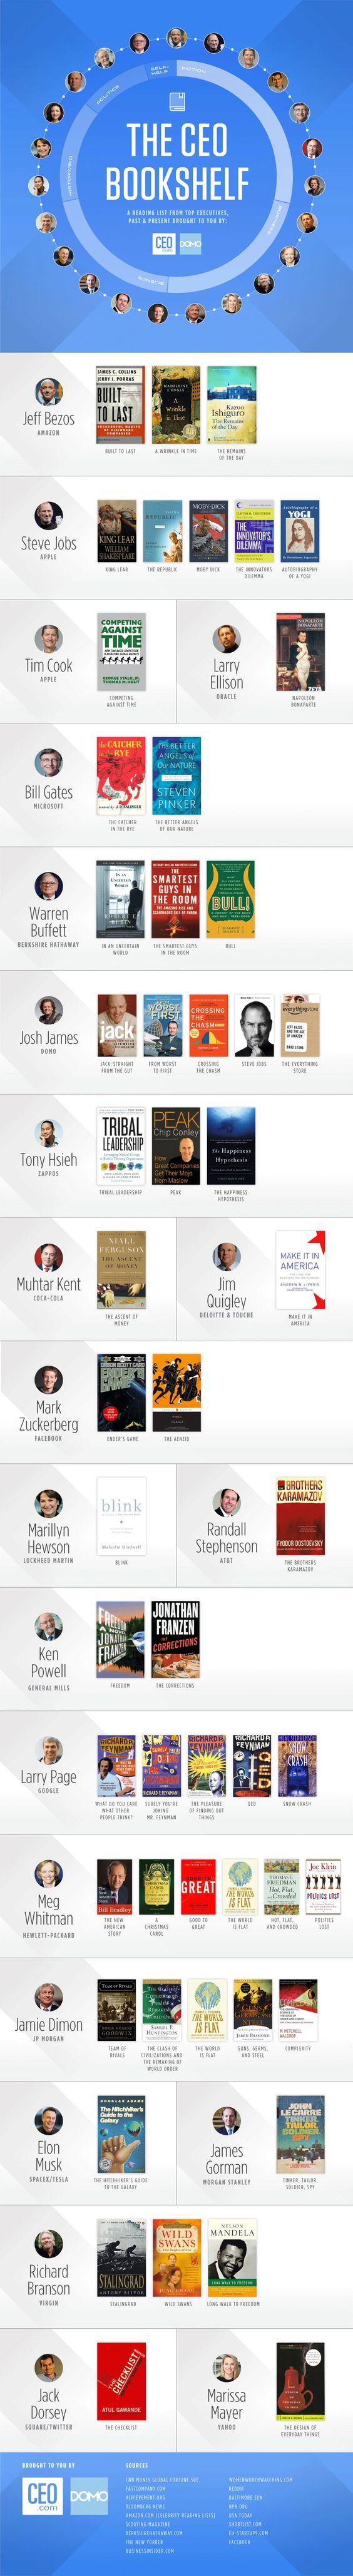 22 Top CEOs Reveal Their Favorite Books (Infographic) | Inc.com